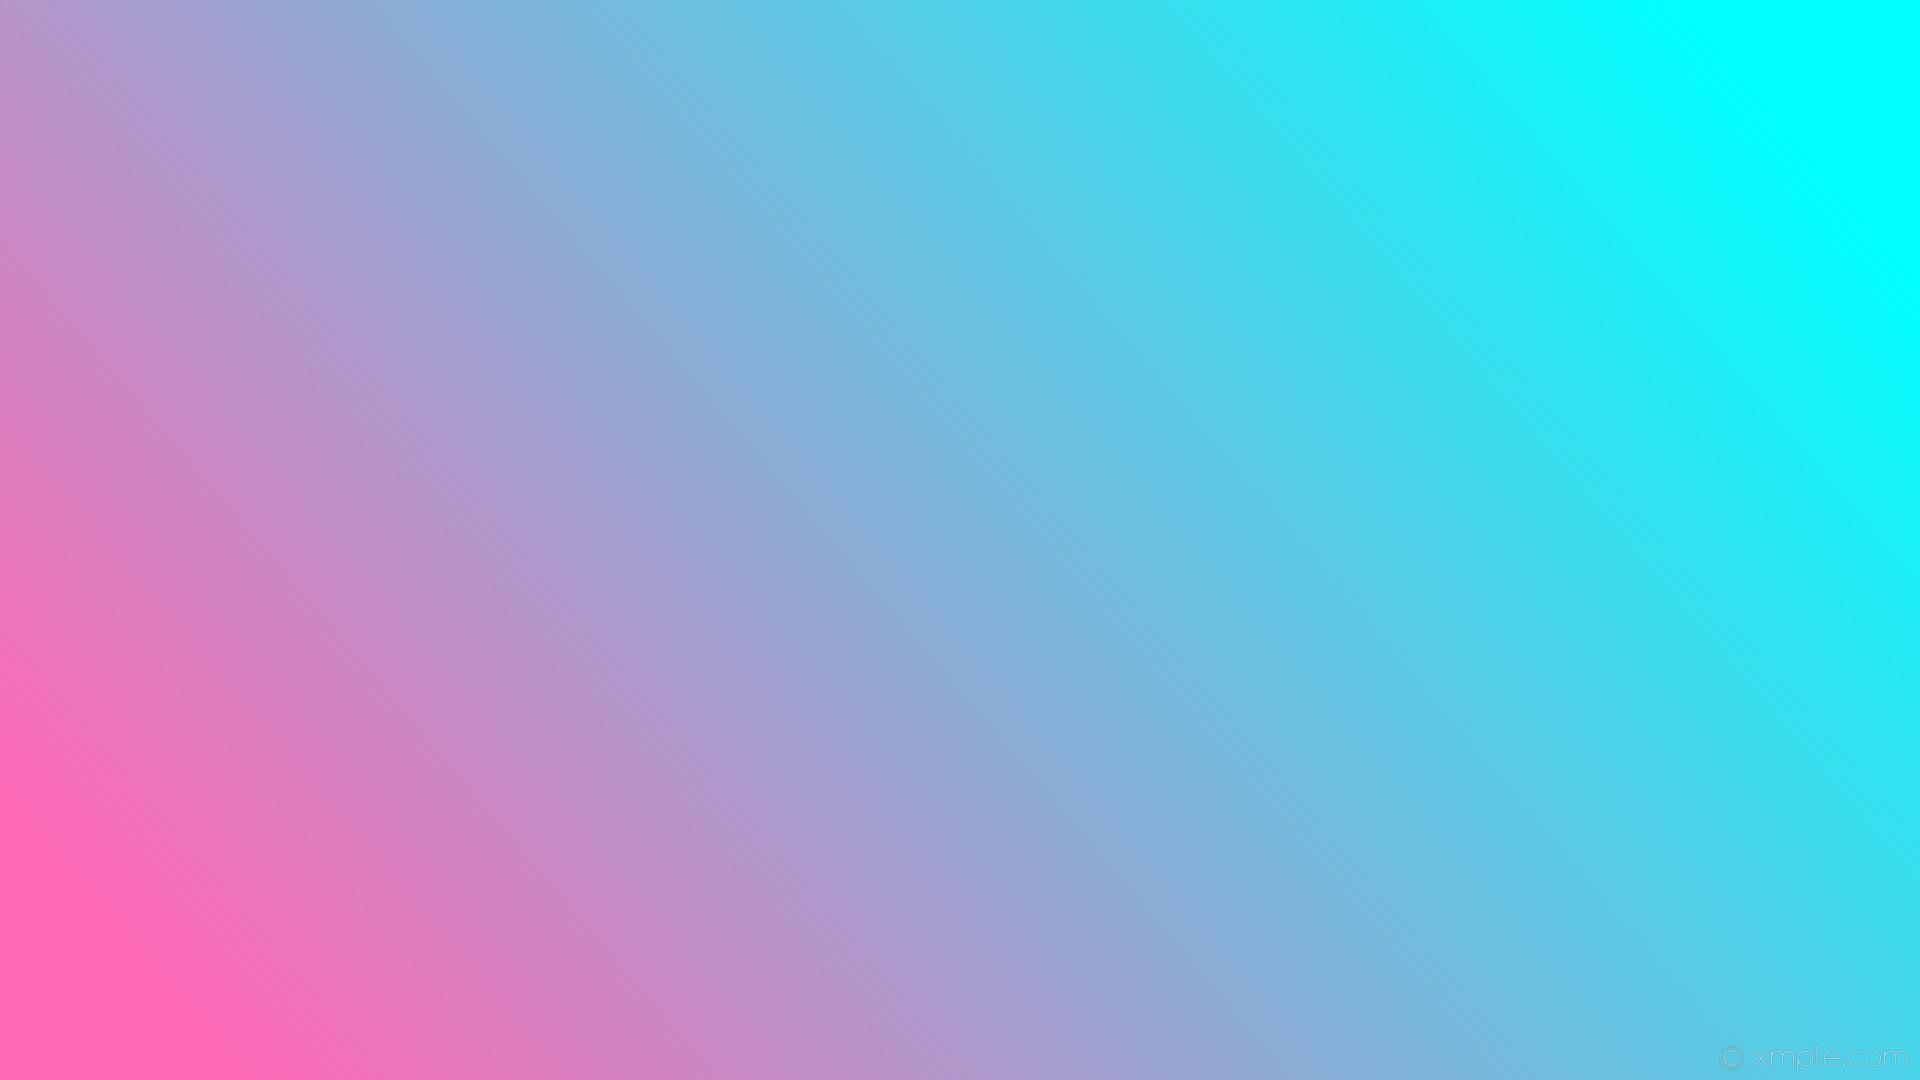 wallpaper blue linear gradient pink aqua cyan hot pink #00ffff #ff69b4 15°